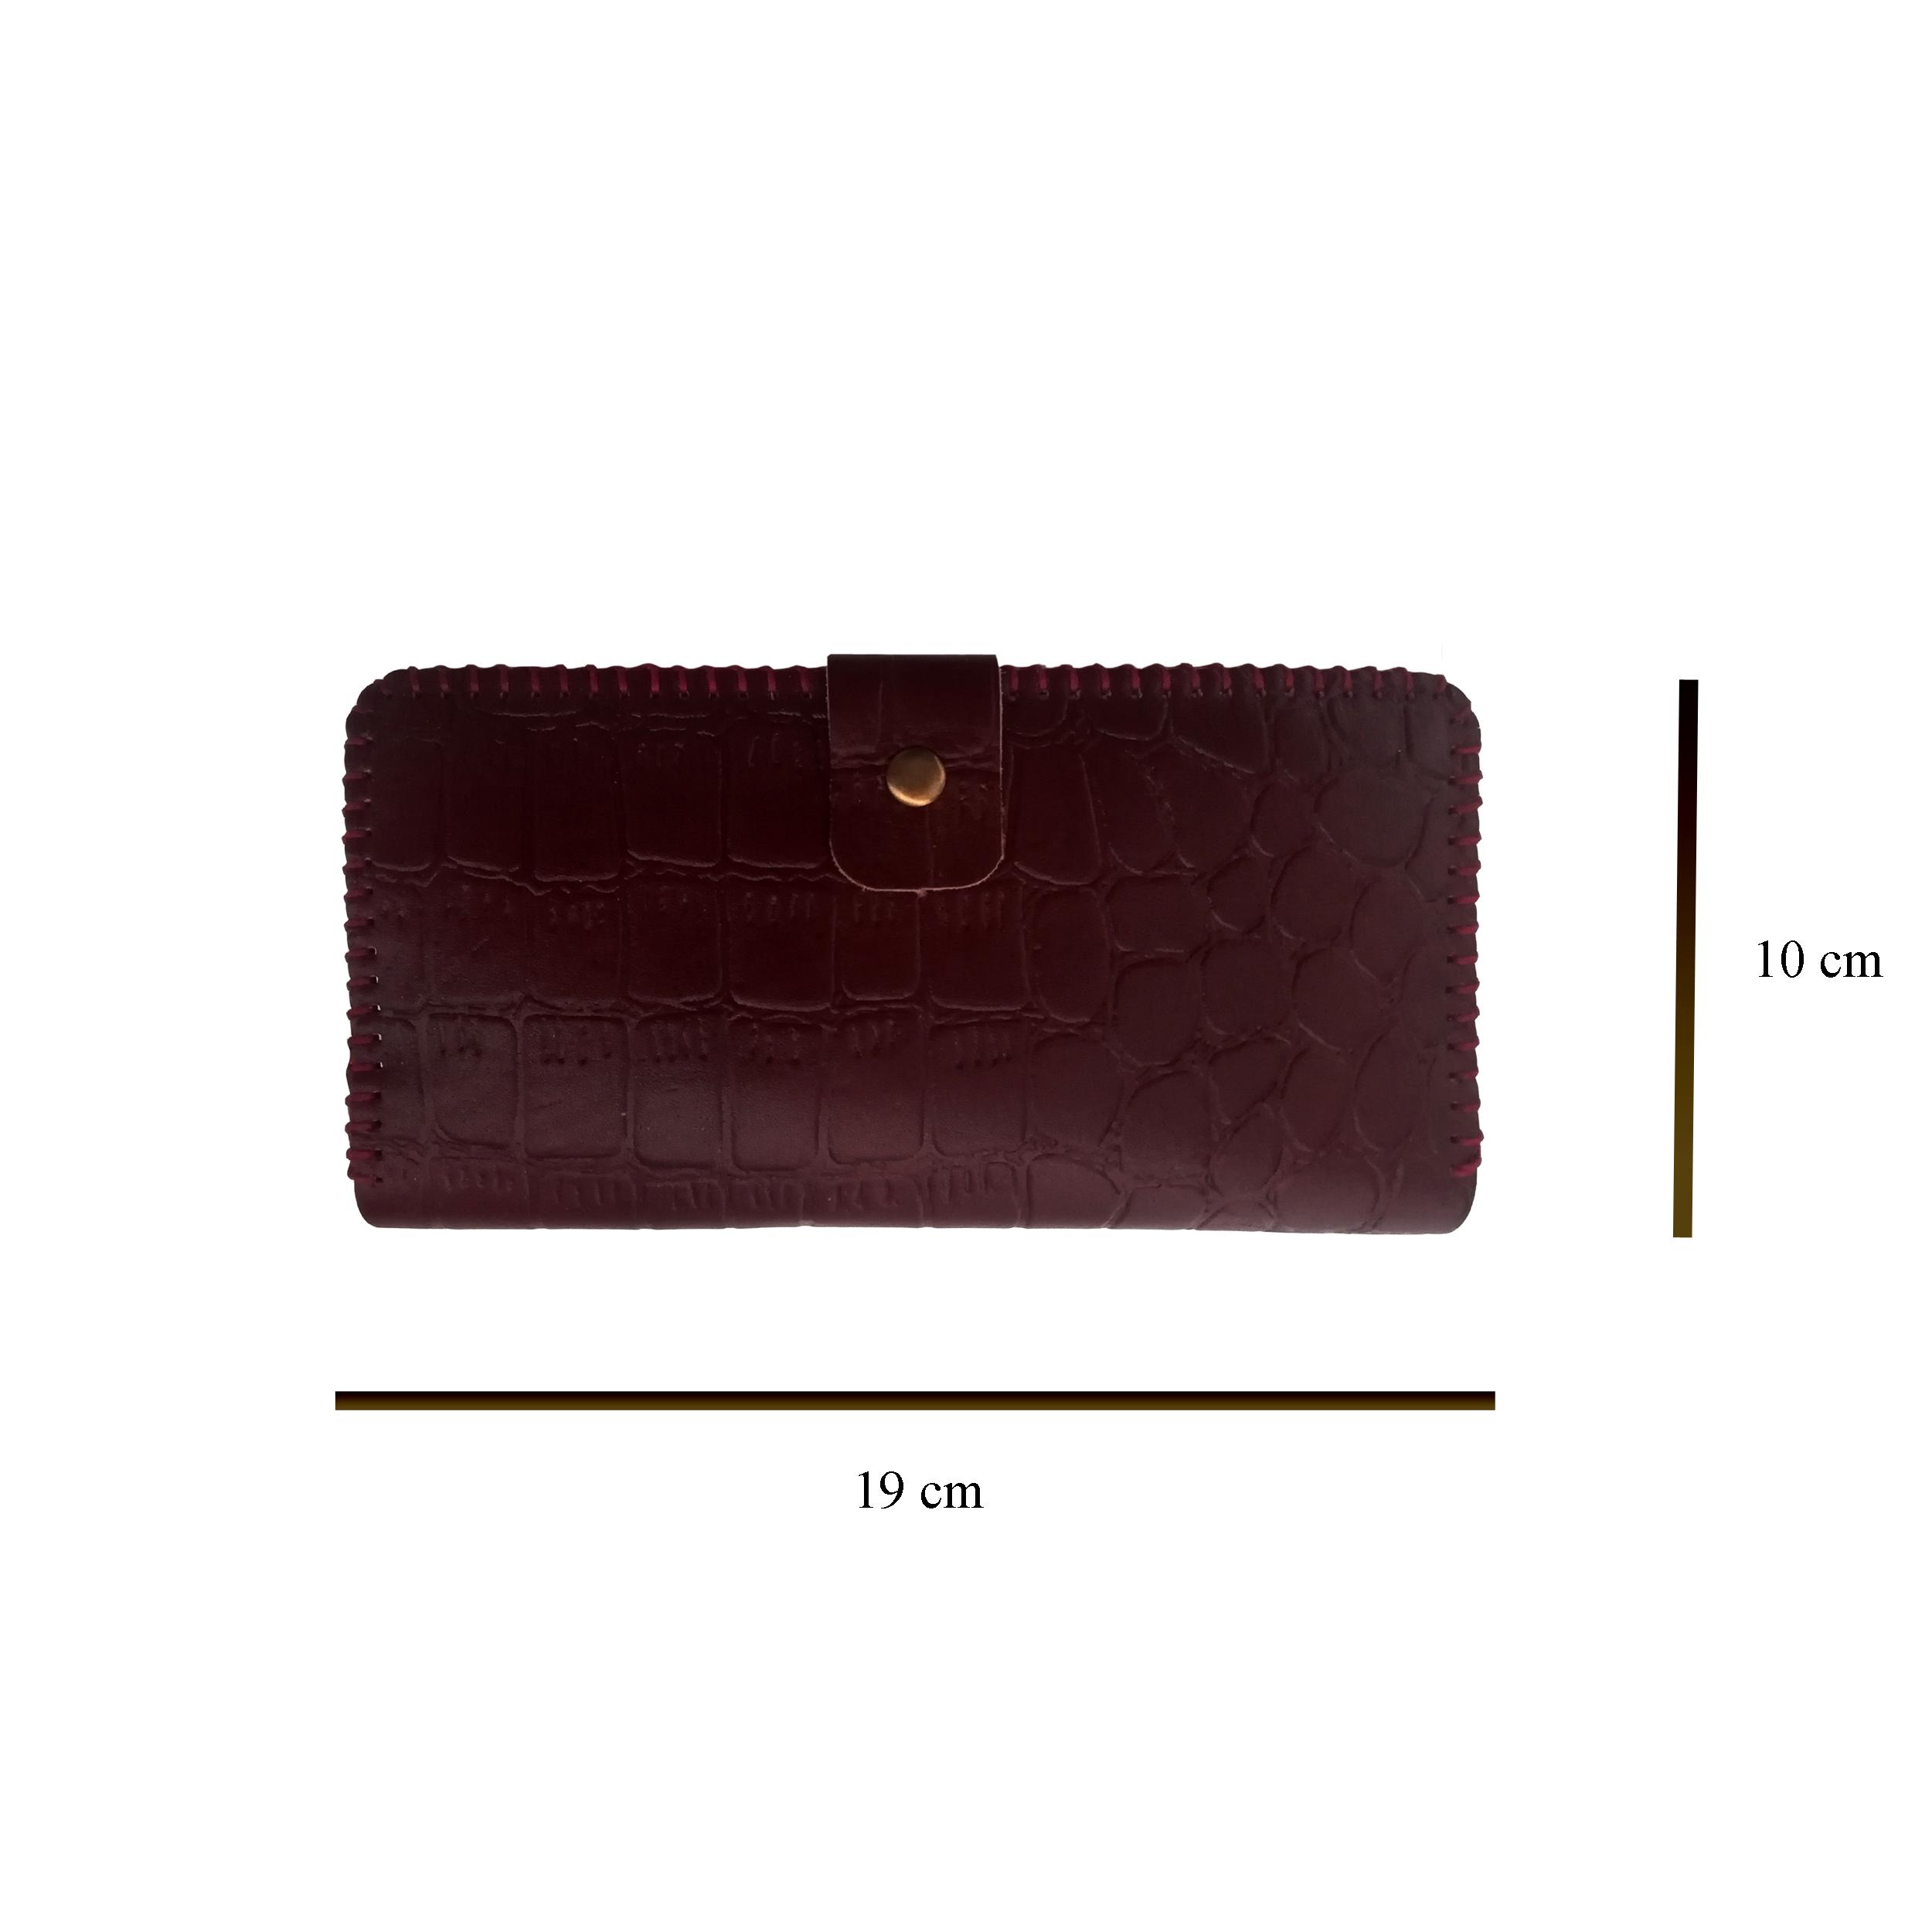 کیف پول چرمی کد MRK13